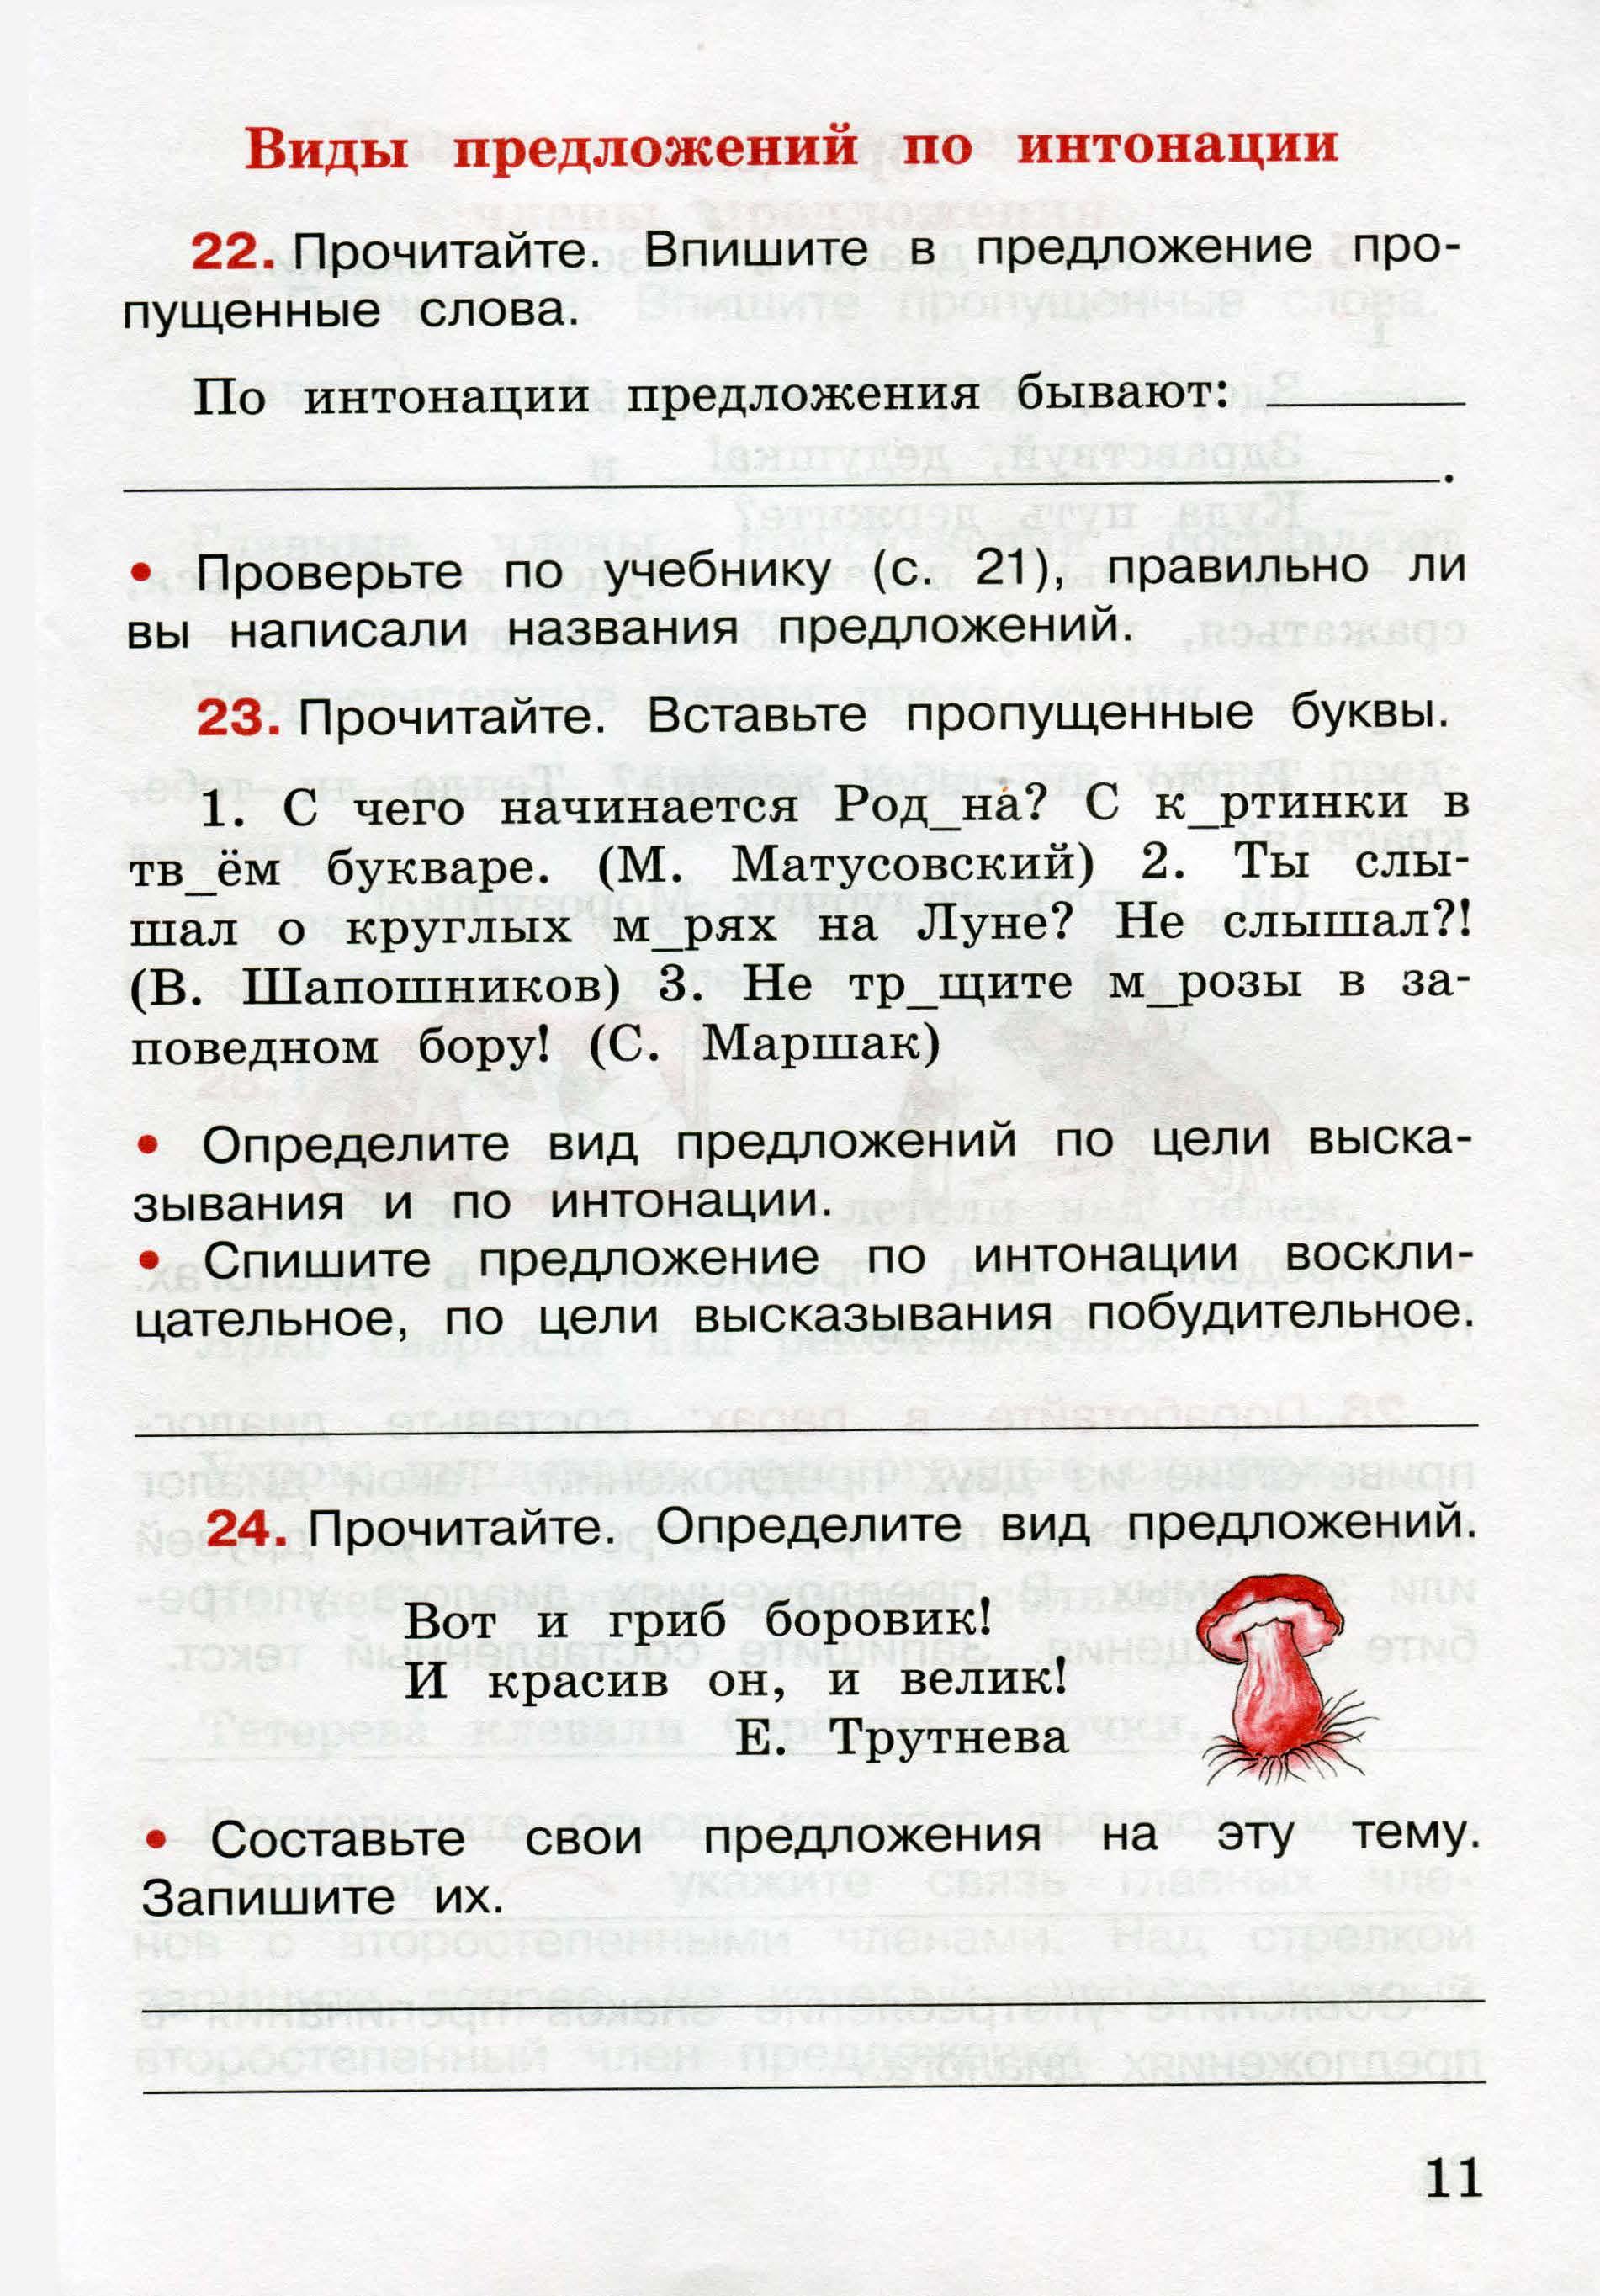 решебник по рабочей тетради по русскому языку 2 класс канакина 2часть